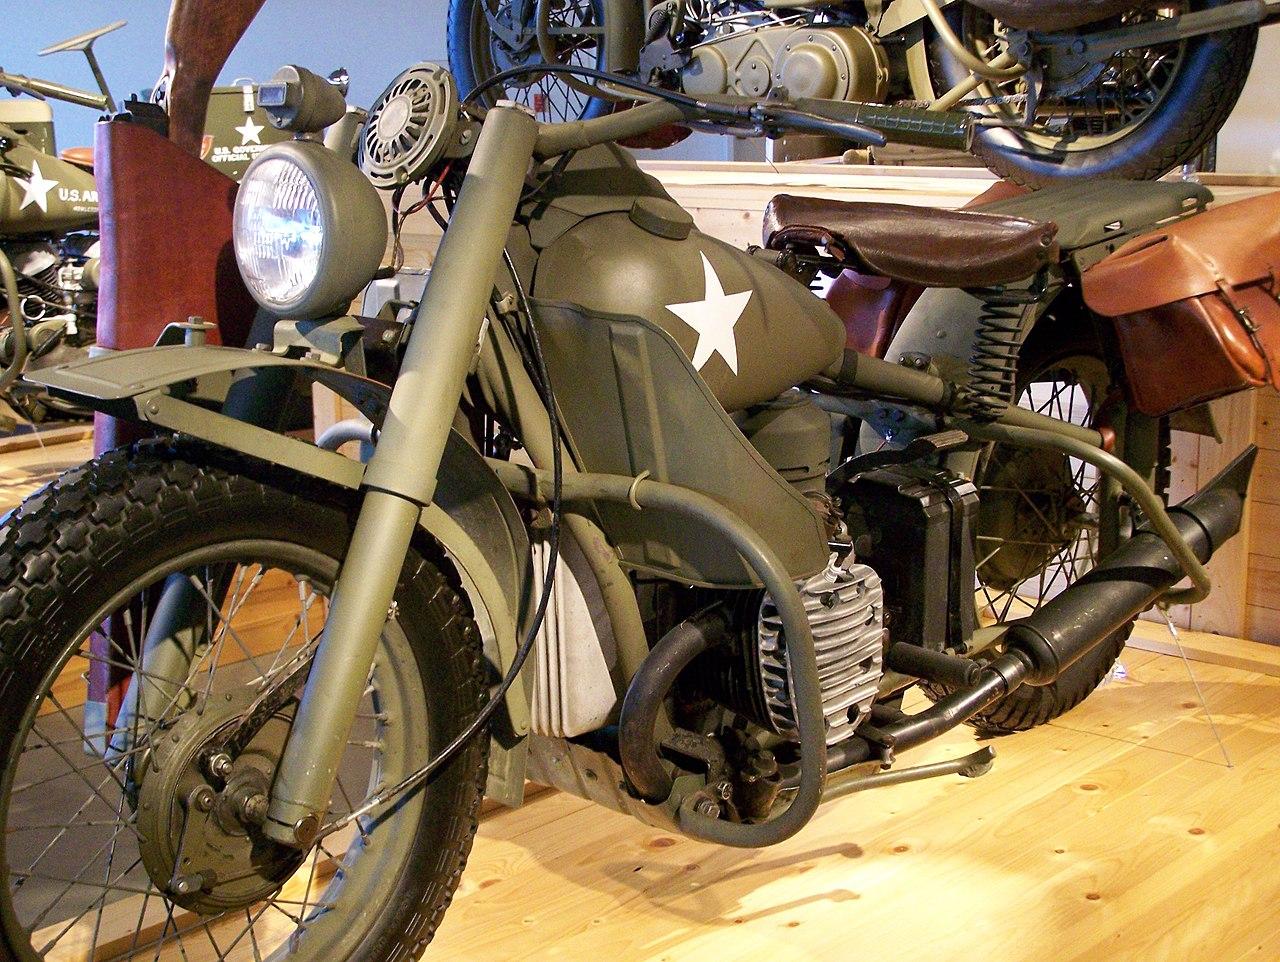 Barber Vintage Motorsports : File:HarleyDavidson XA at Barber Vintage Motorsports Museum from front ...